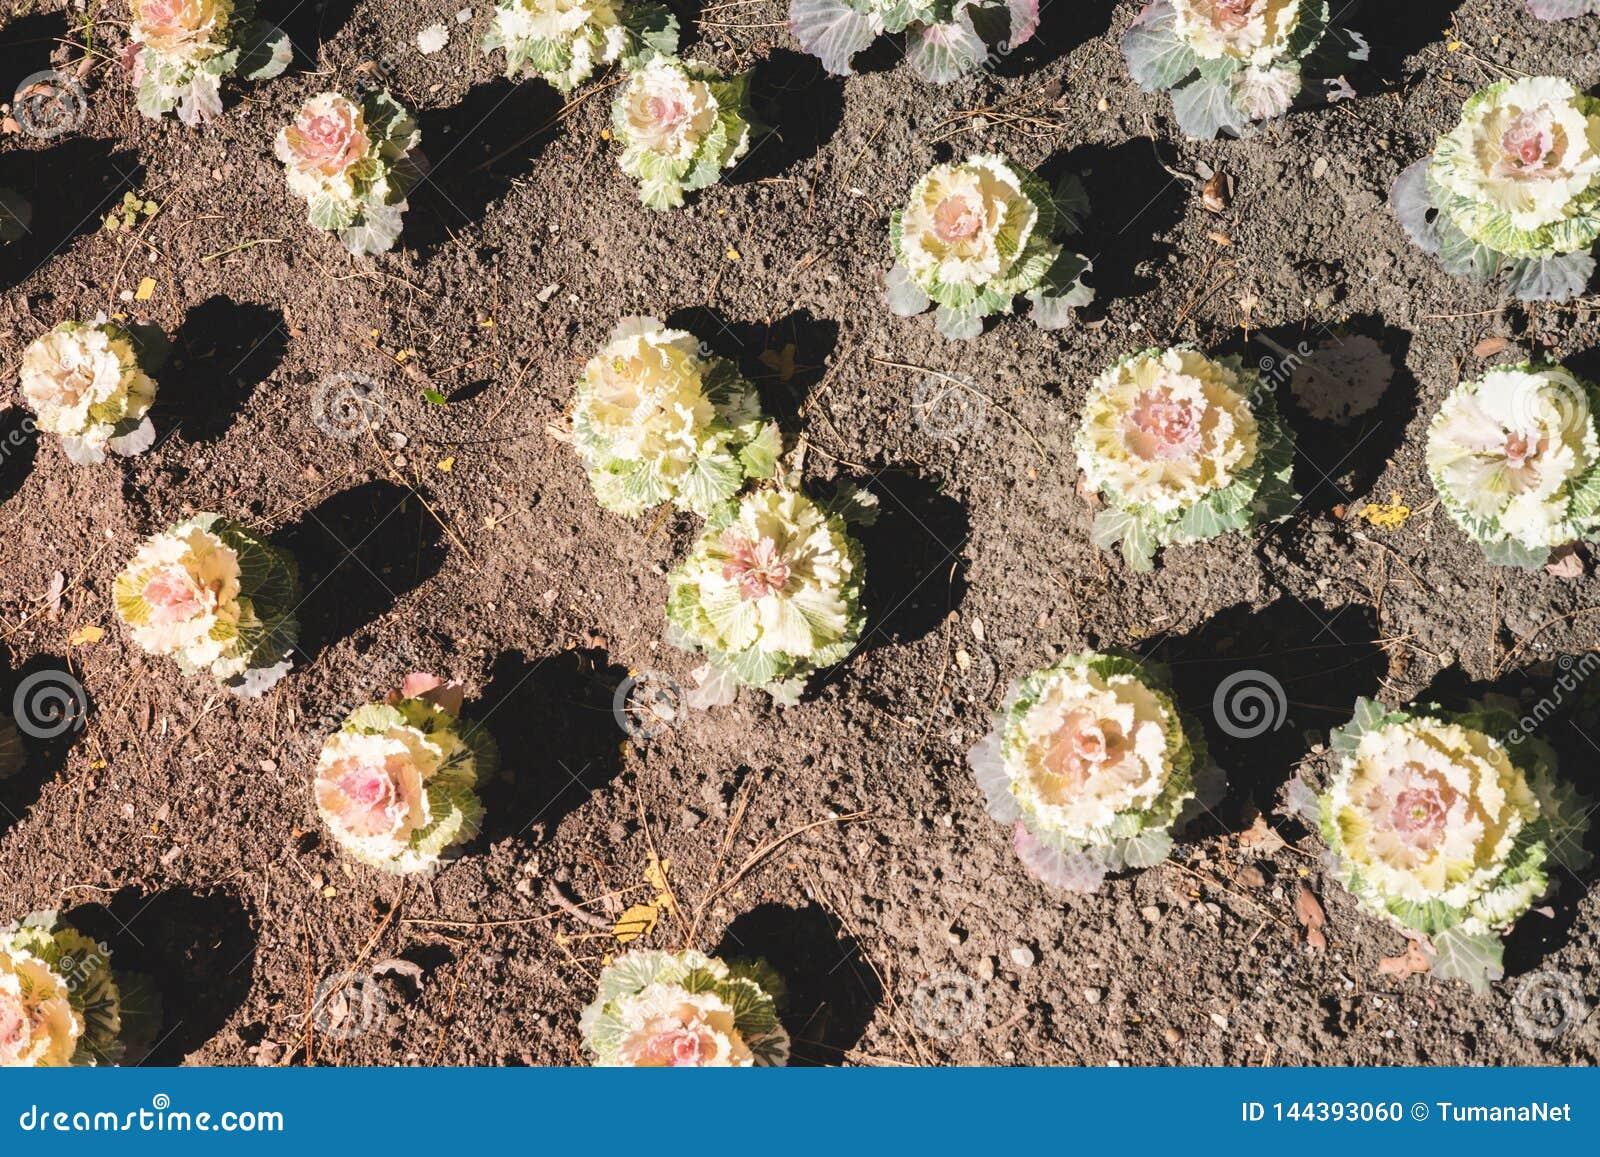 Modello floreale dai fiori di cavolo decorativo di colore bianco e rosa che cresce sulla terra marrone Sfondo naturale